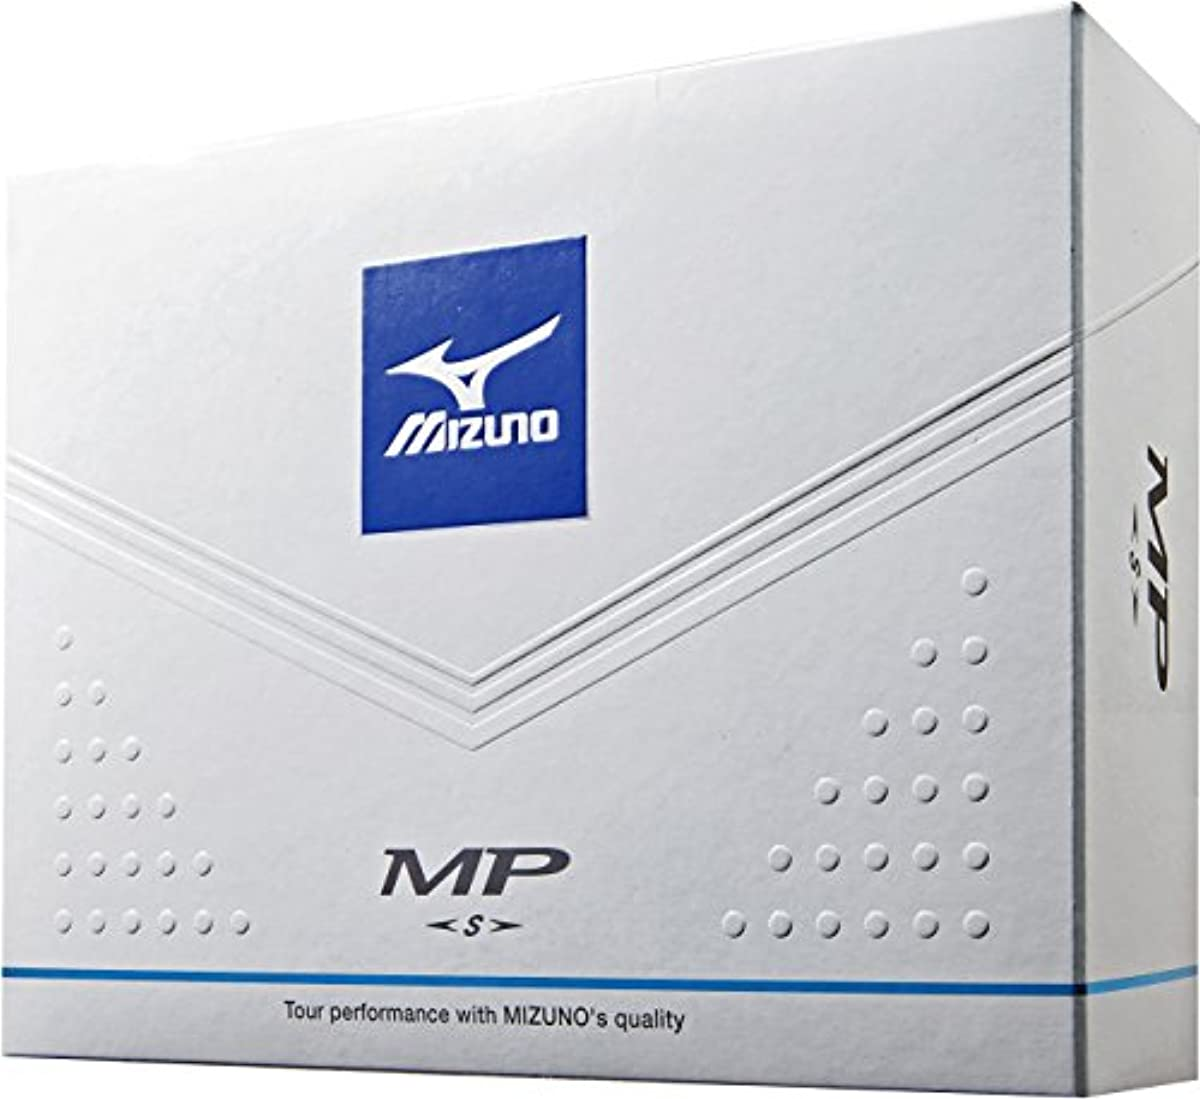 [해외] MIZUNO(미즈노) 골프 볼 MP<S> 1다스(12개 들이) 맨즈 5NJBD83510 (2015-03-20)